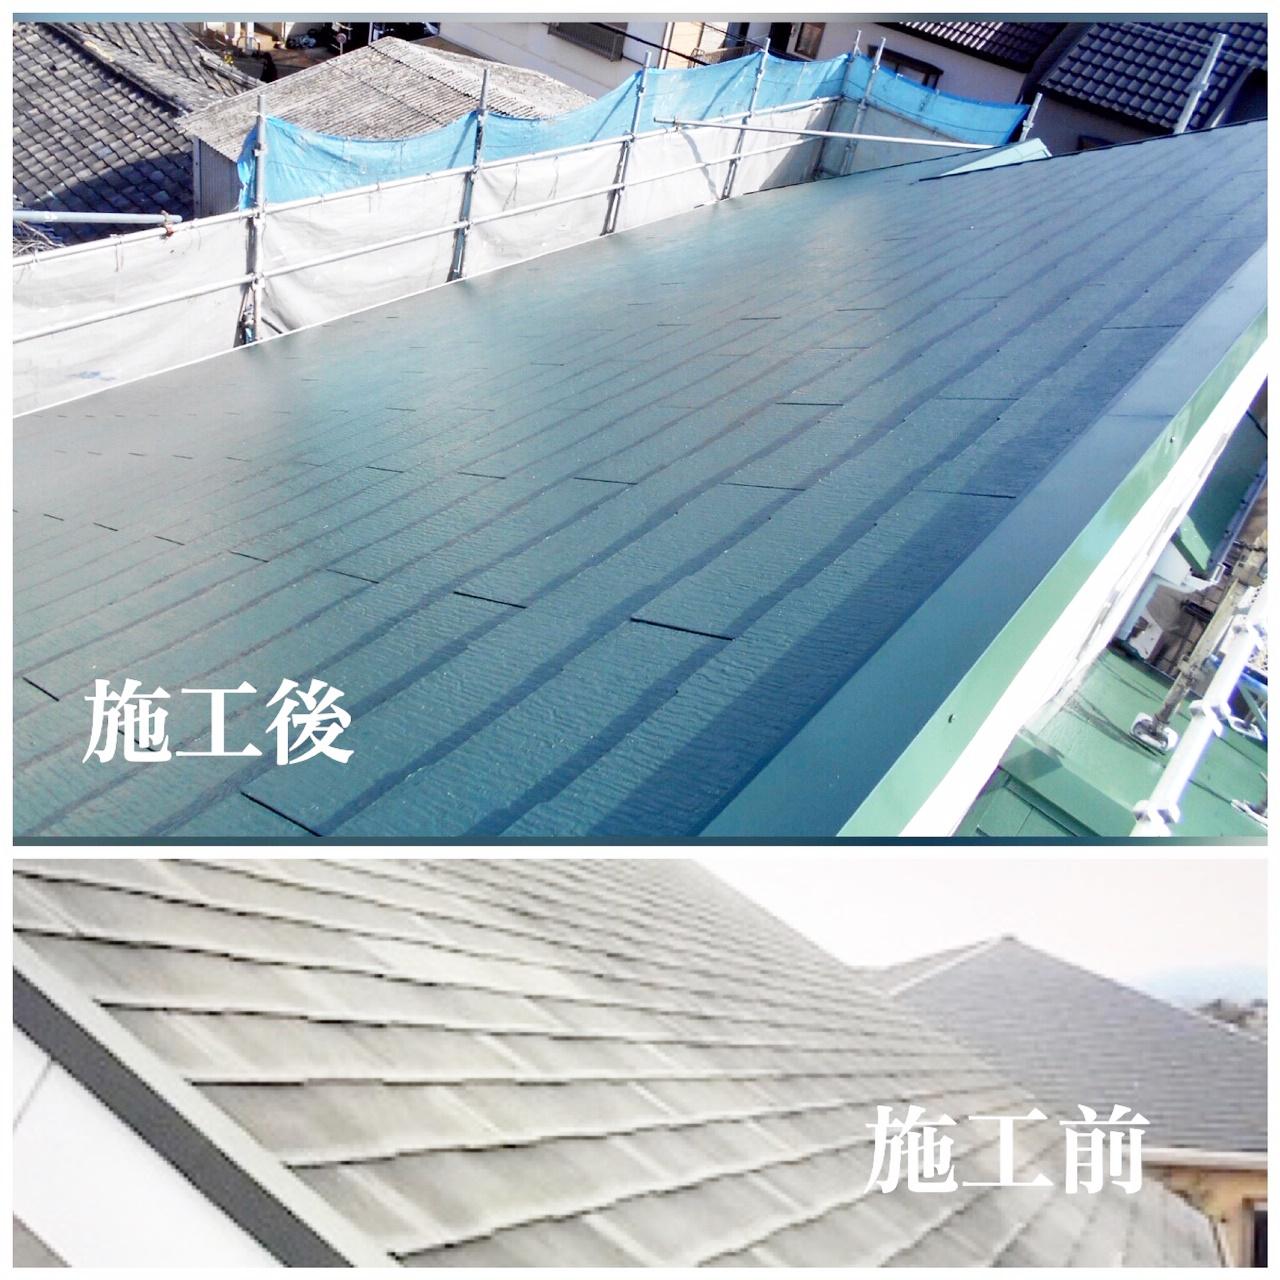 屋根用遮熱塗料のごあんない